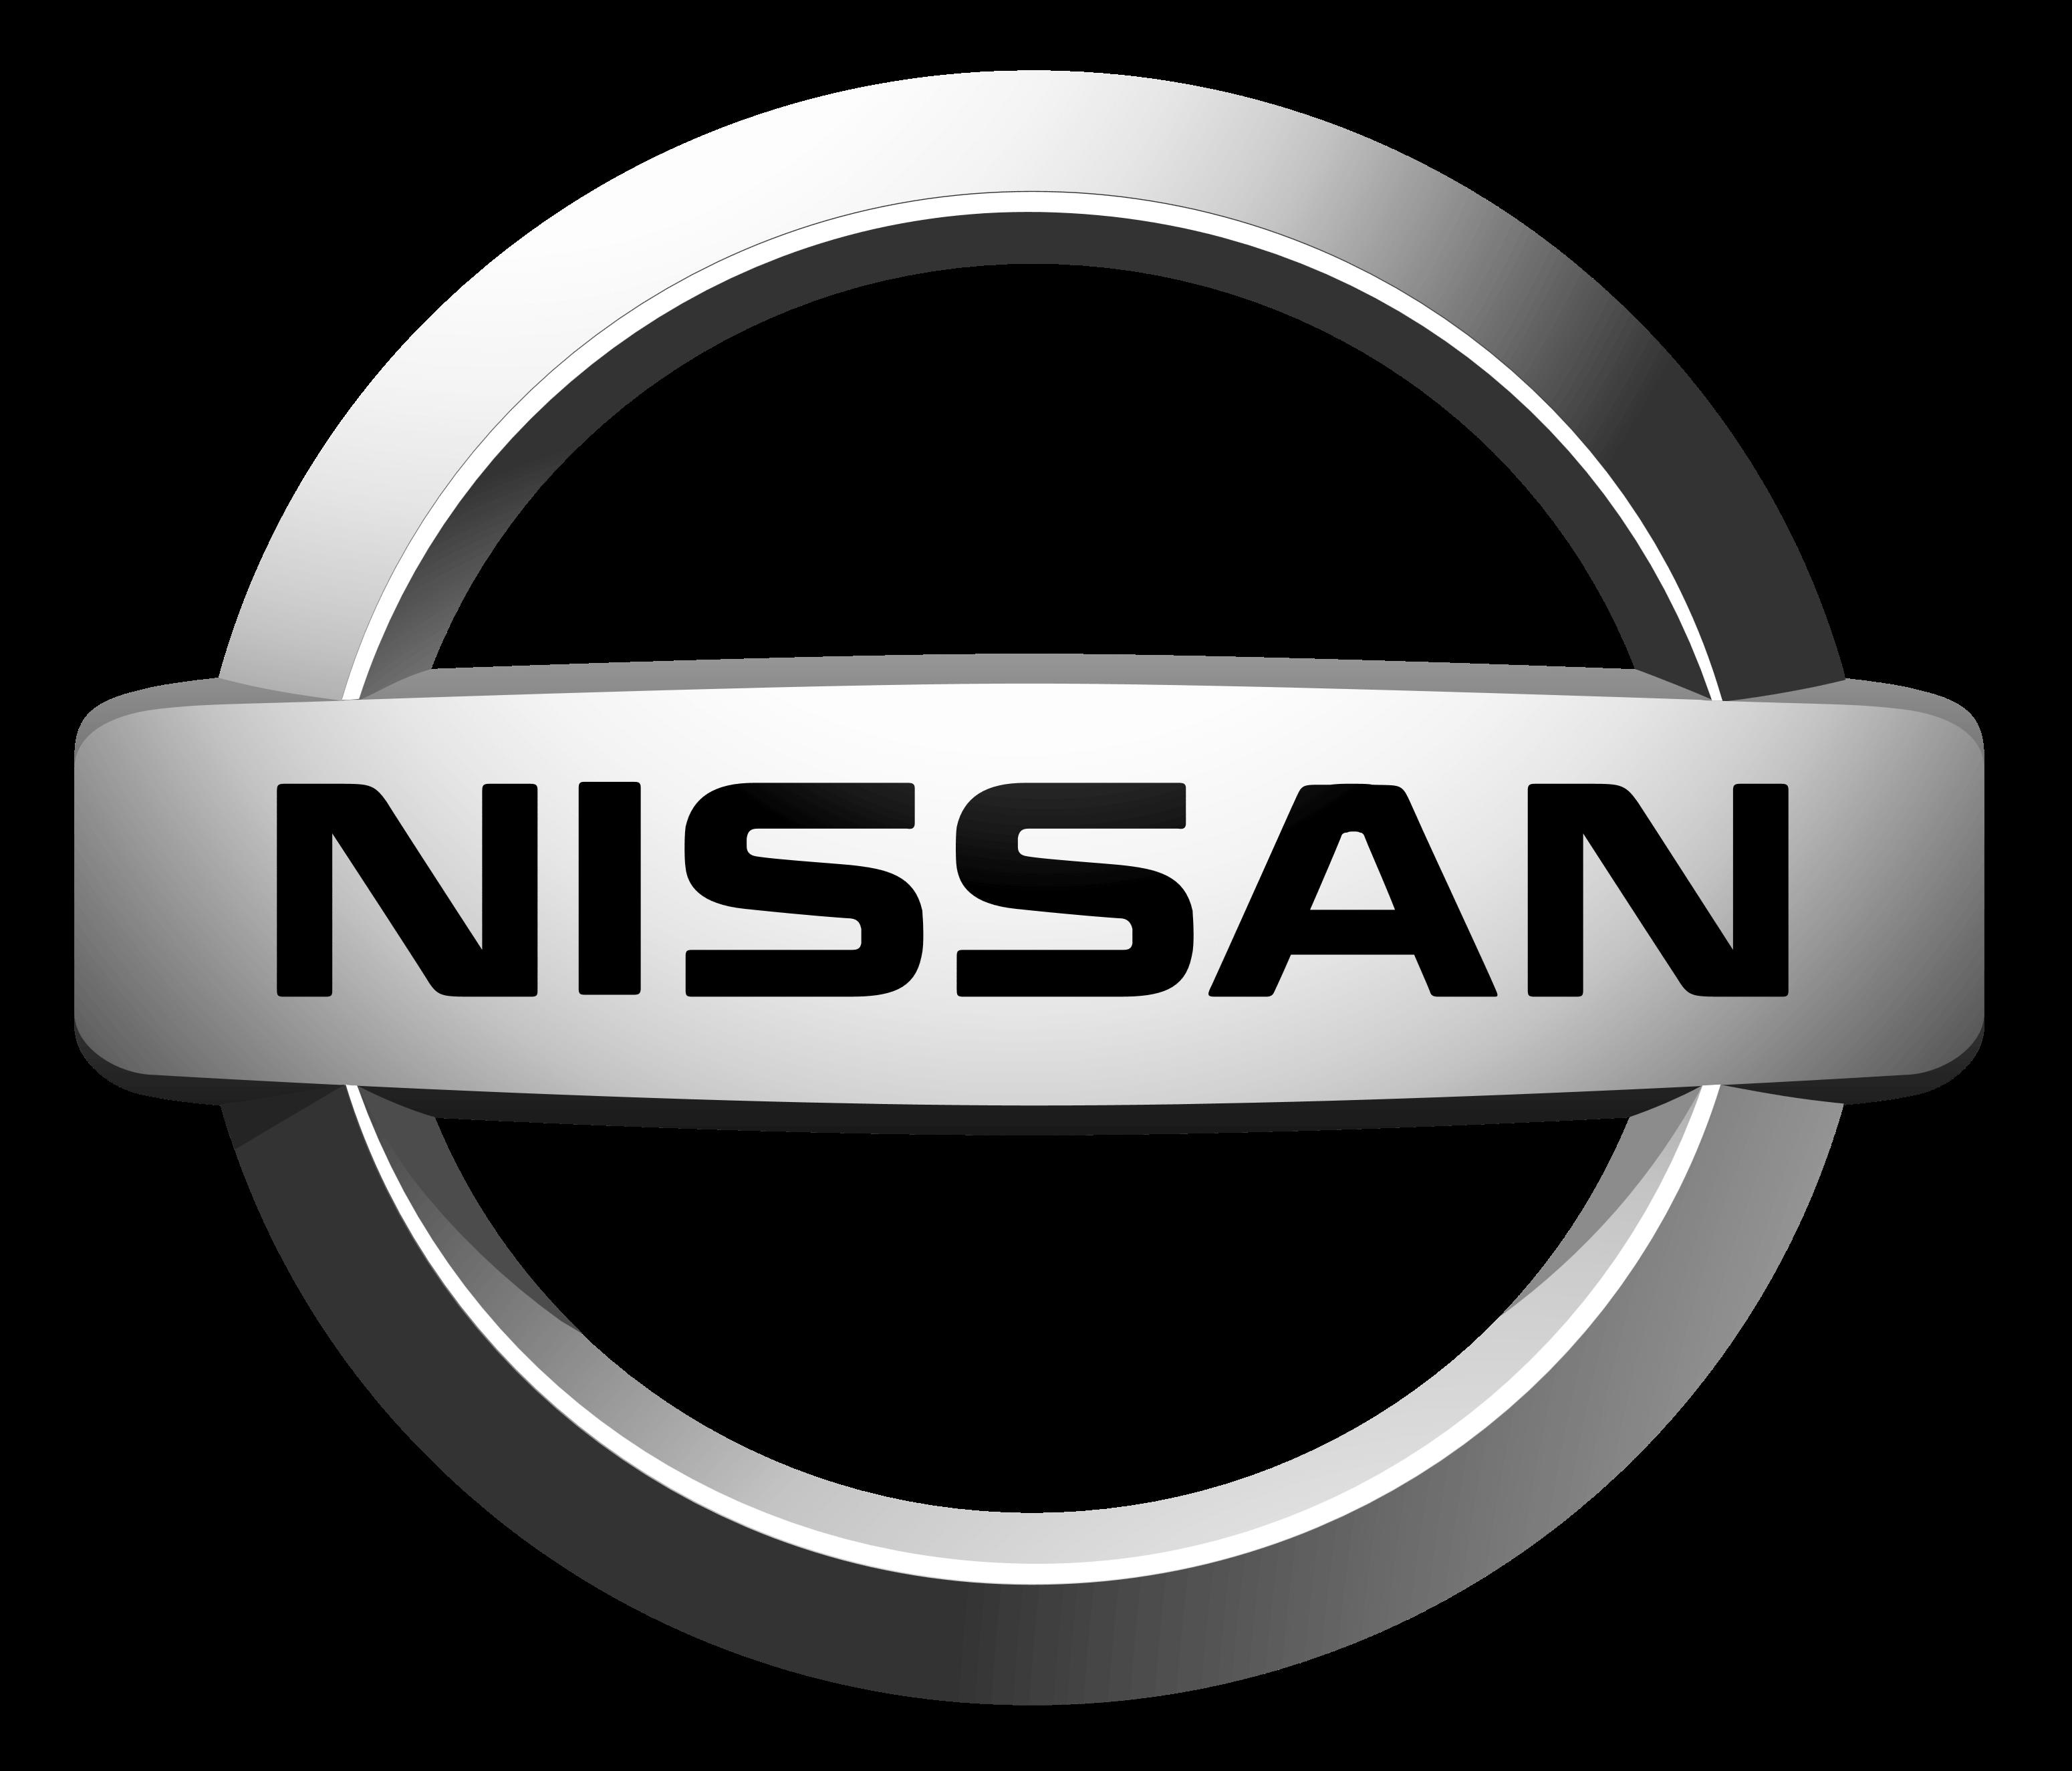 NISSAN Motor Manufacturer